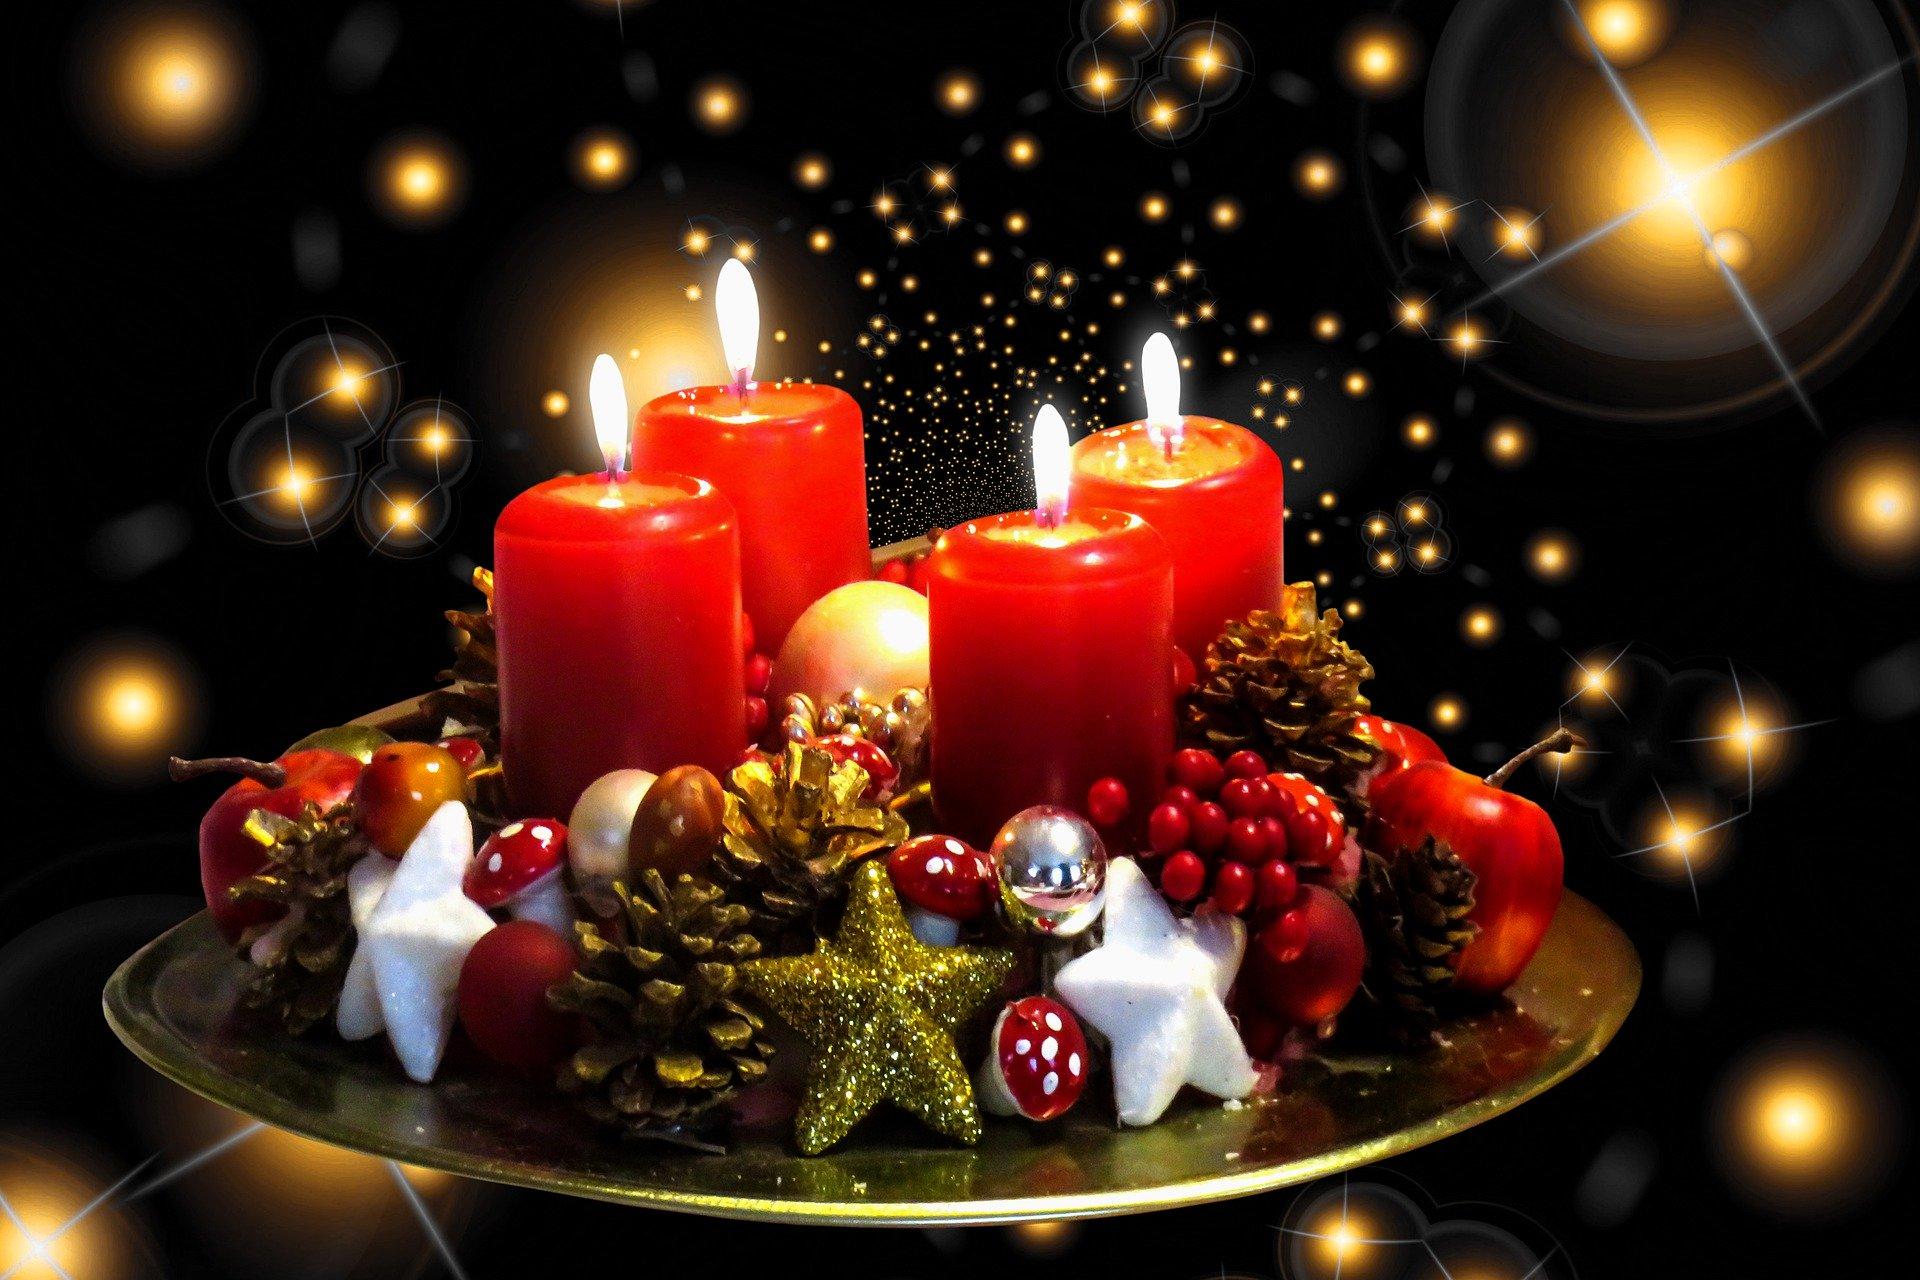 Die Stadtwerke Bad Langensalza GmbH wünscht allen Partnern und Kunden eine schöne Adventszeit.